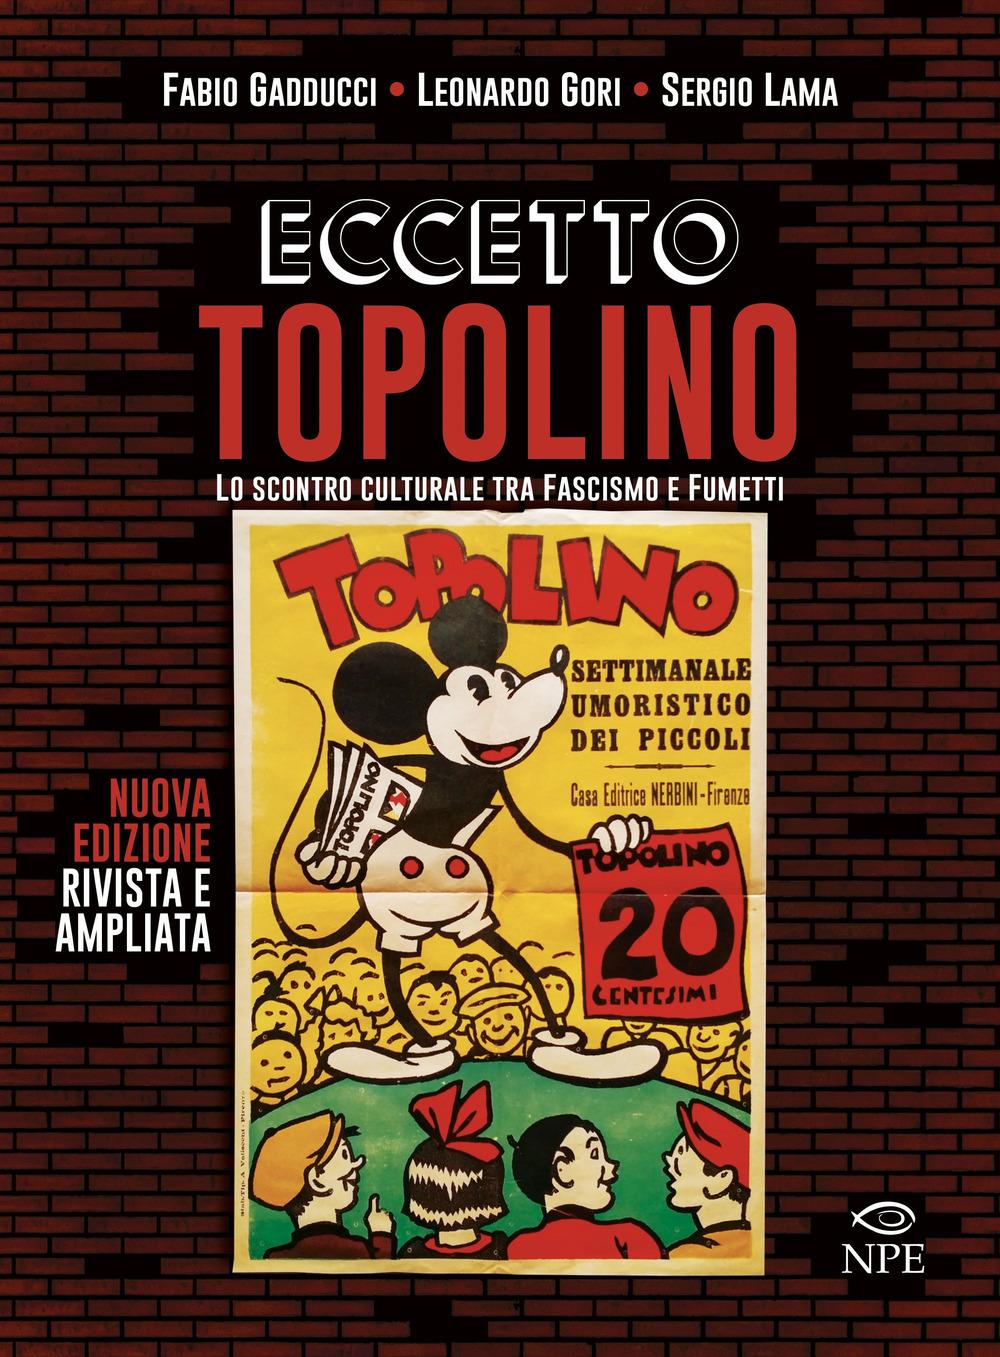 ECCETTO TOPOLINO. LO SCONTRO CULTURALE TRA FASCISMO E FUMETTI - 9788894818659